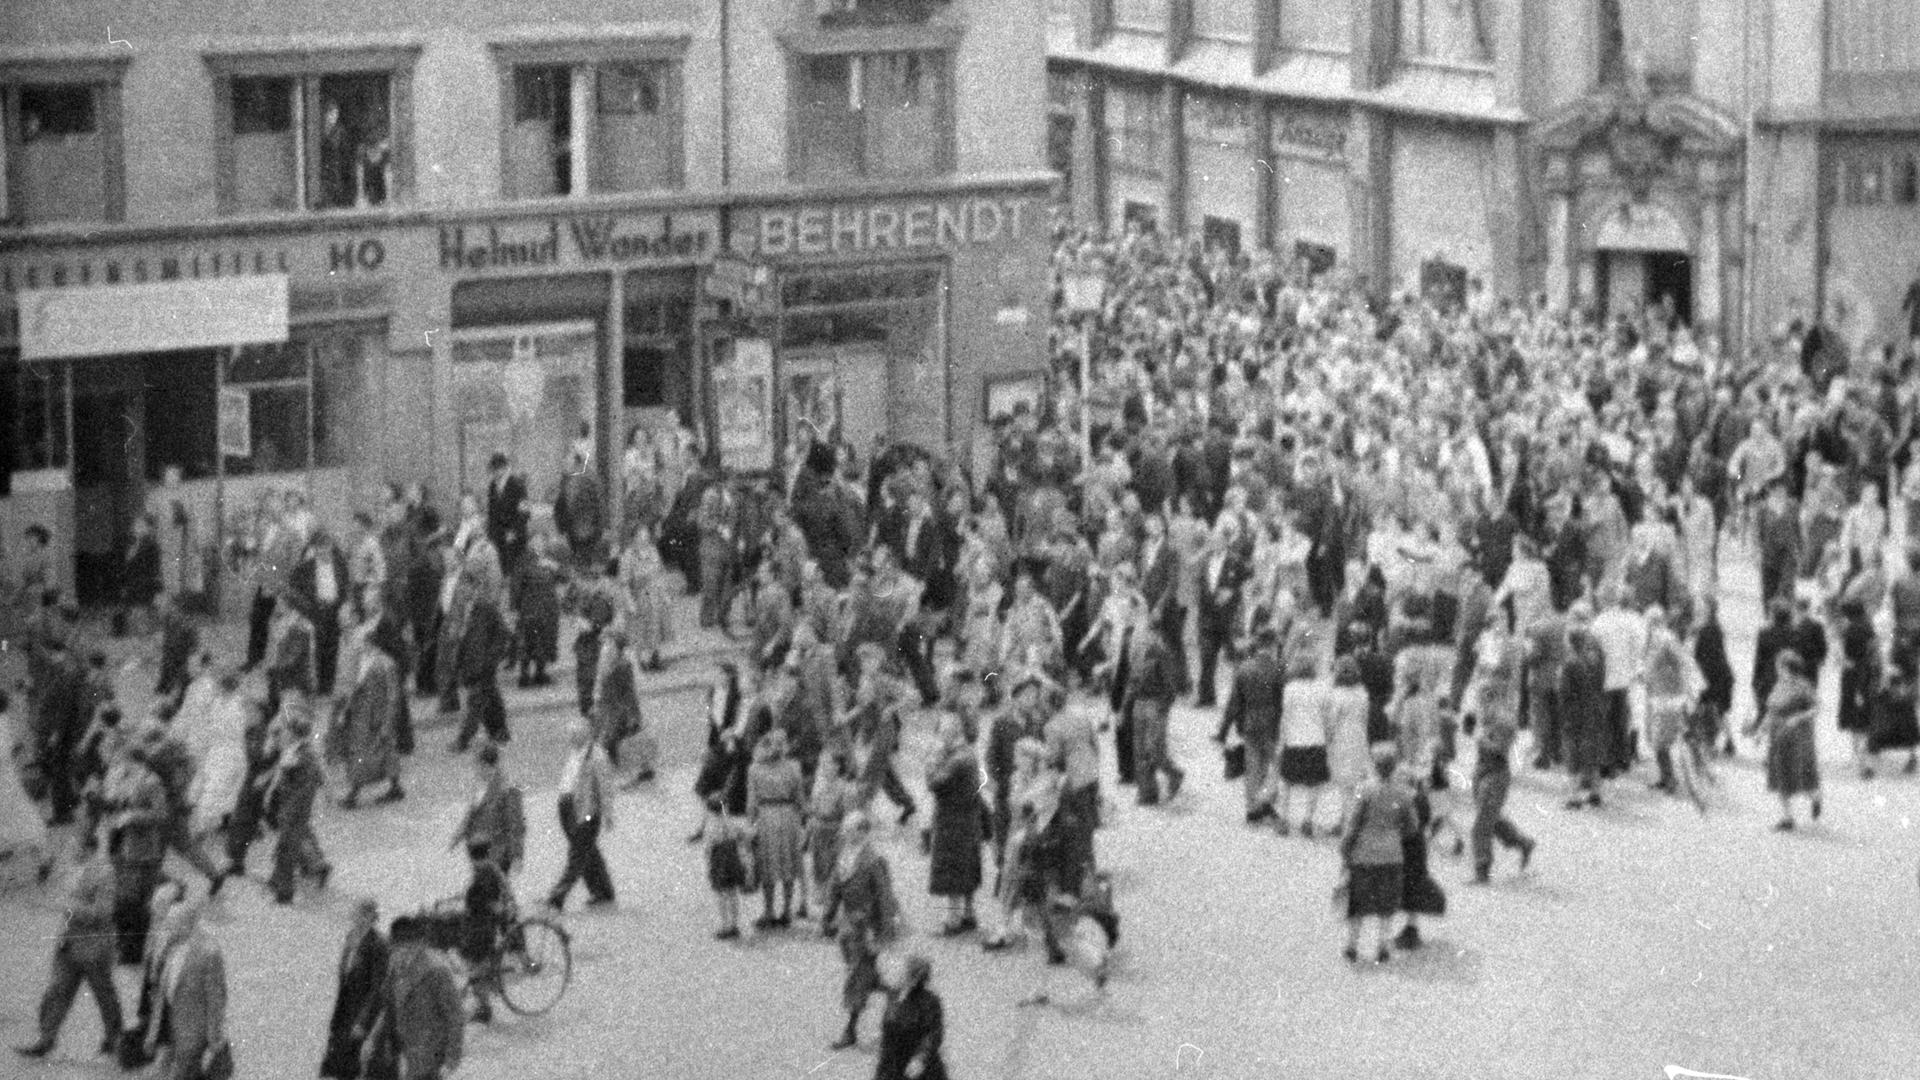 DAs Schwarz-Weiß-Bild zeigt eine Menschenansammlung auf einer Straße. In den Häusern an der Straße sind verschiedene Geschäftee ansässig.